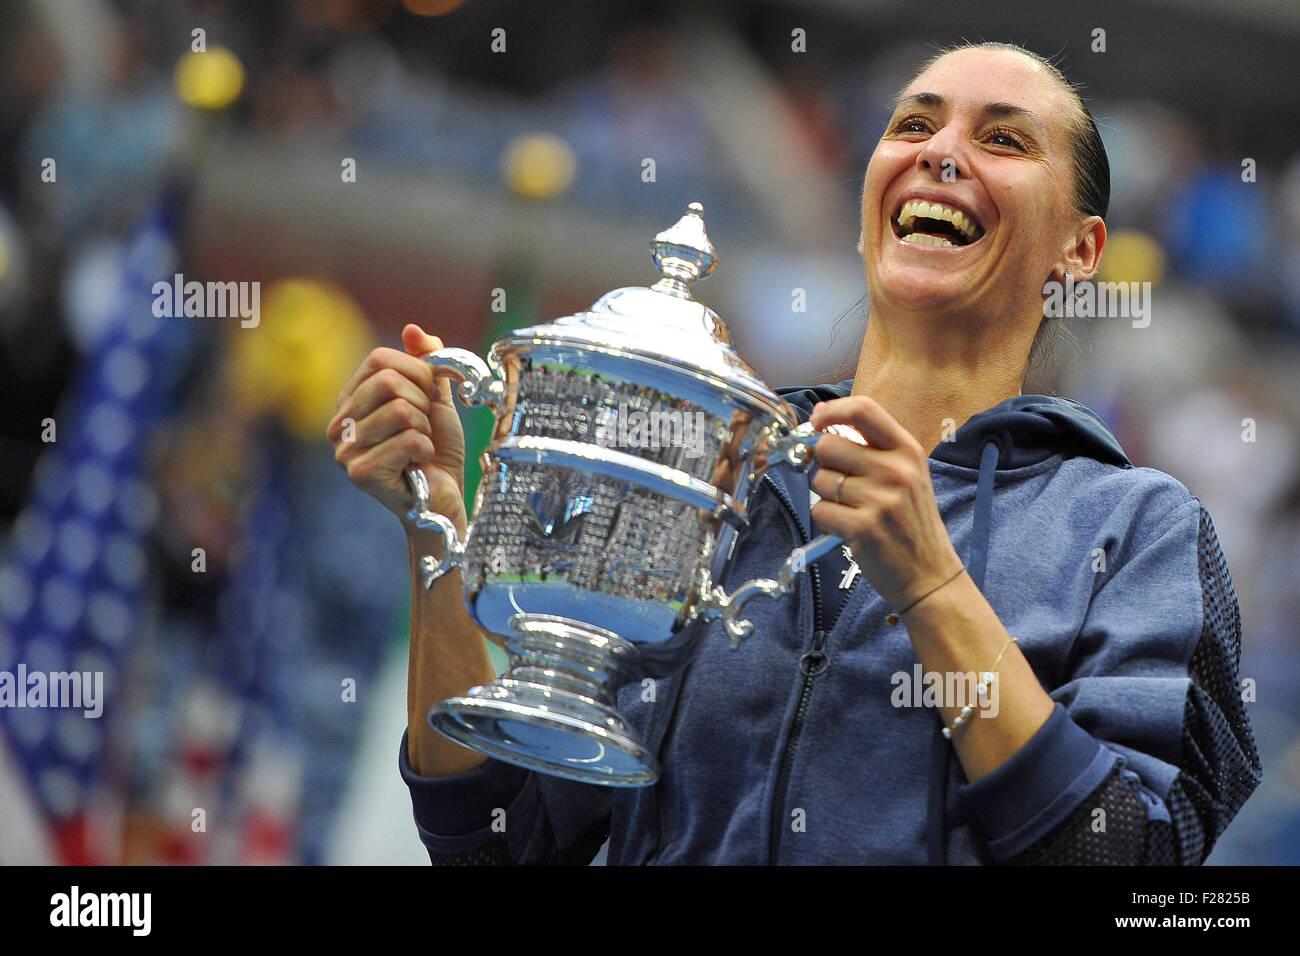 Flushing Meadows, Nueva York, Estados Unidos. 12 Sep, 2015. El US Open de tenis campeonatos. Womens final de singles. Imagen De Stock